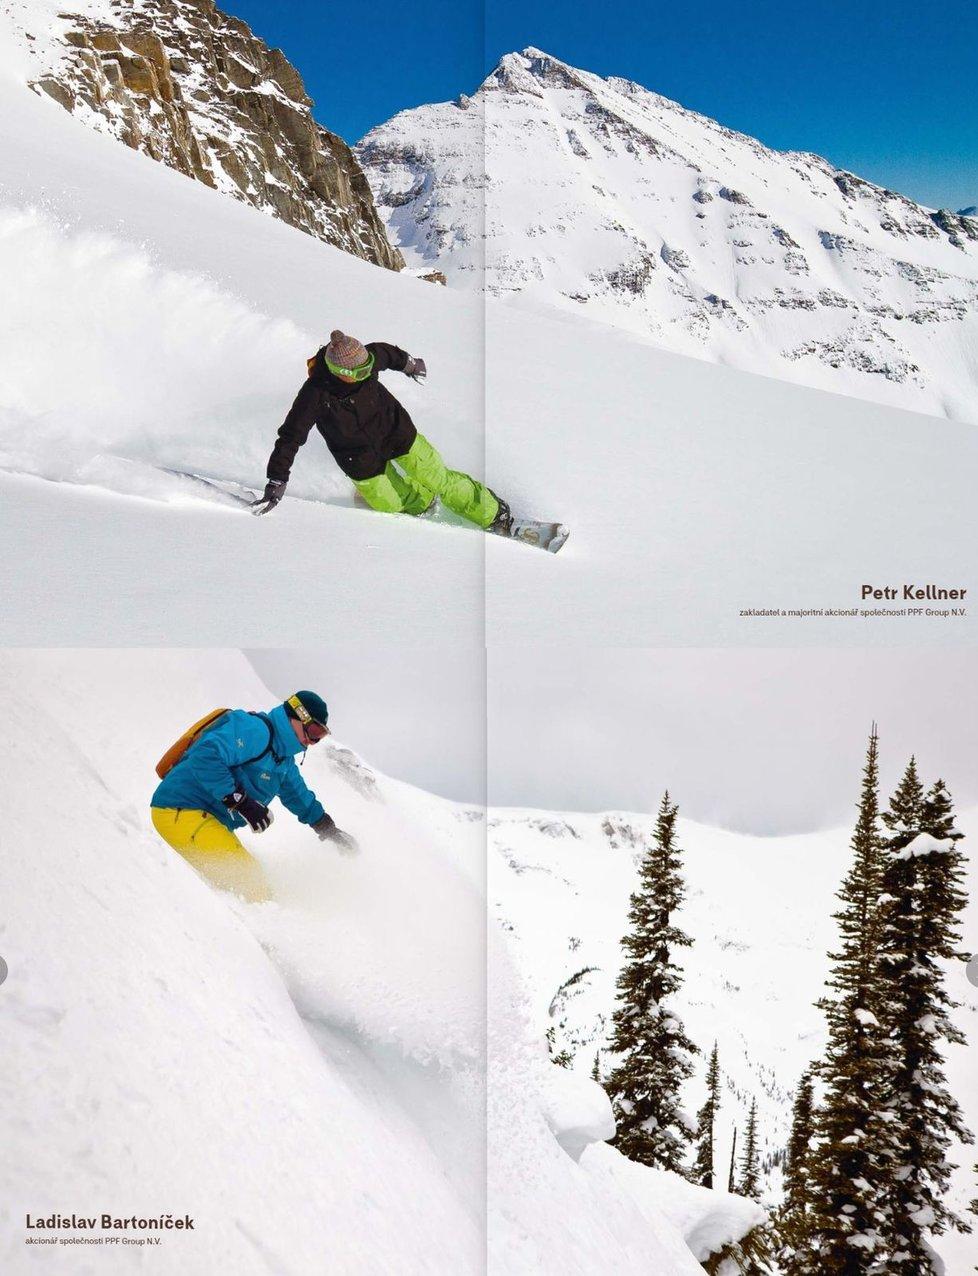 6905170_kellner-ppf-bartonicek-hory-snowboard-v0